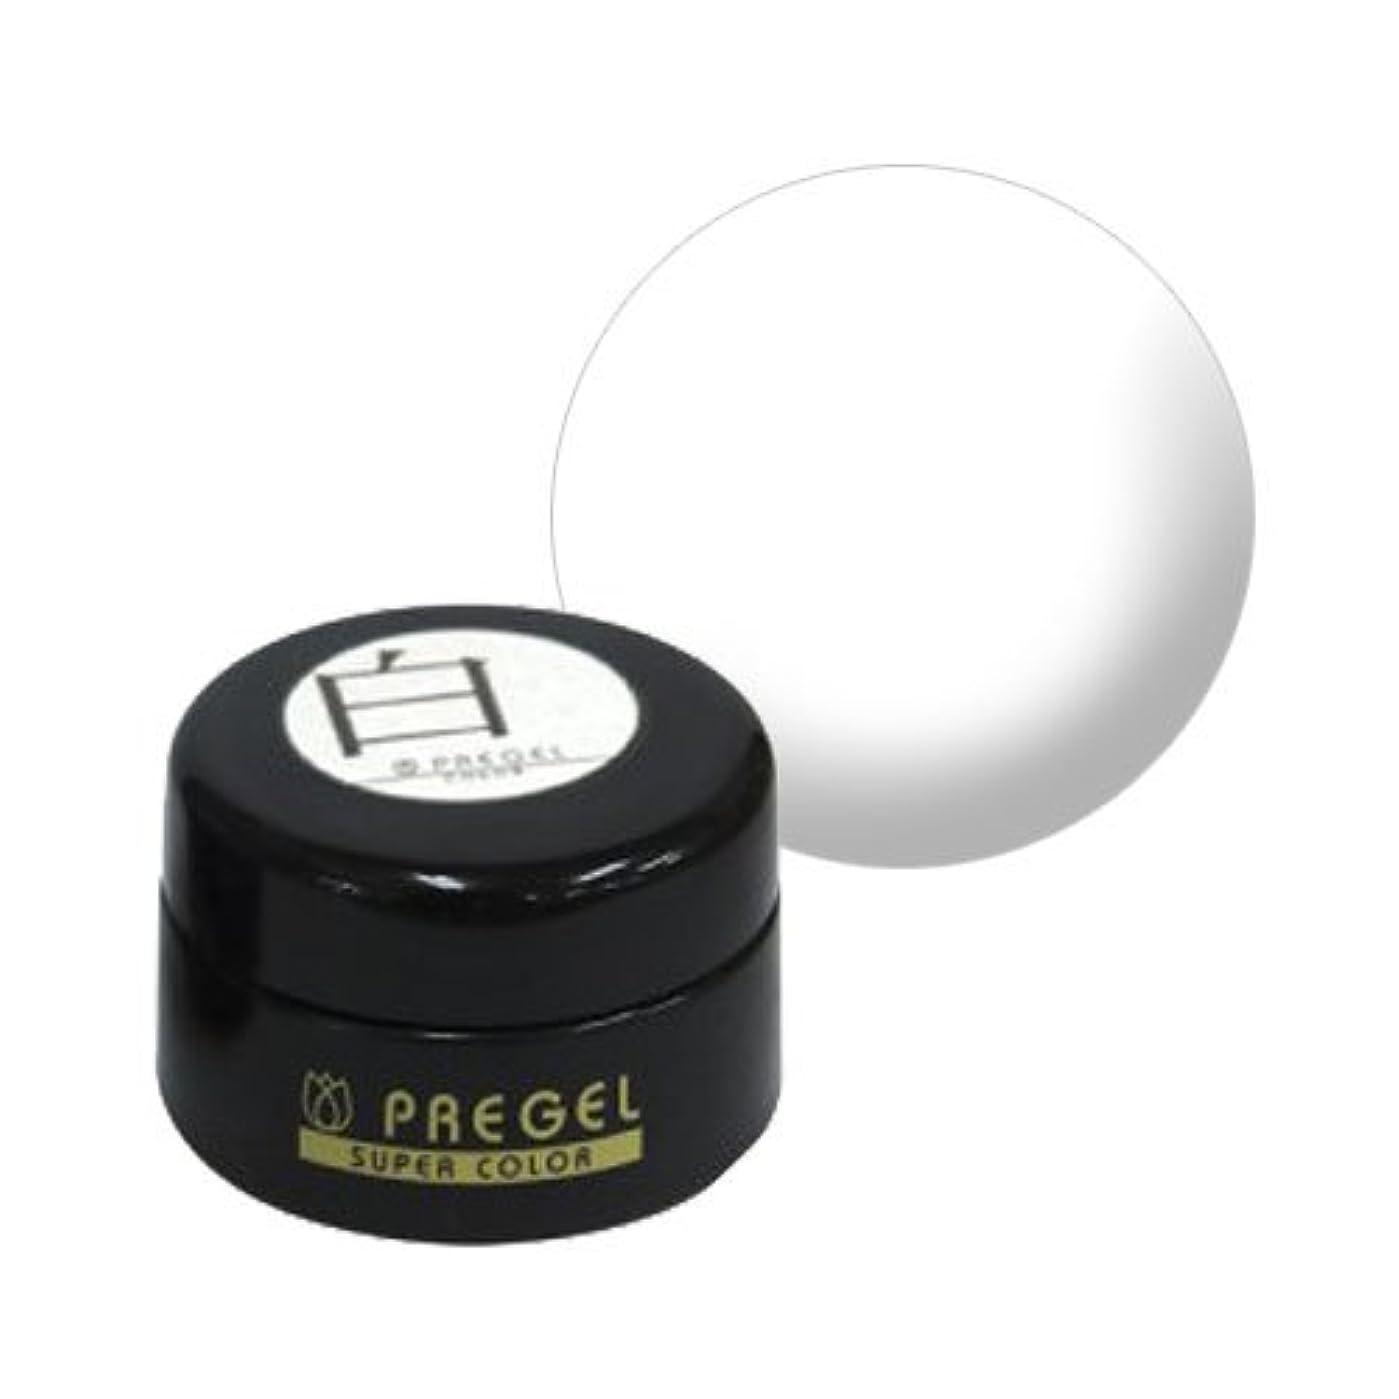 軌道病院バンガロー【PREGEL】カラーEx 白 / PG-CE110 【UV&LED】プリジェル カラージェル ジェルネイル用品